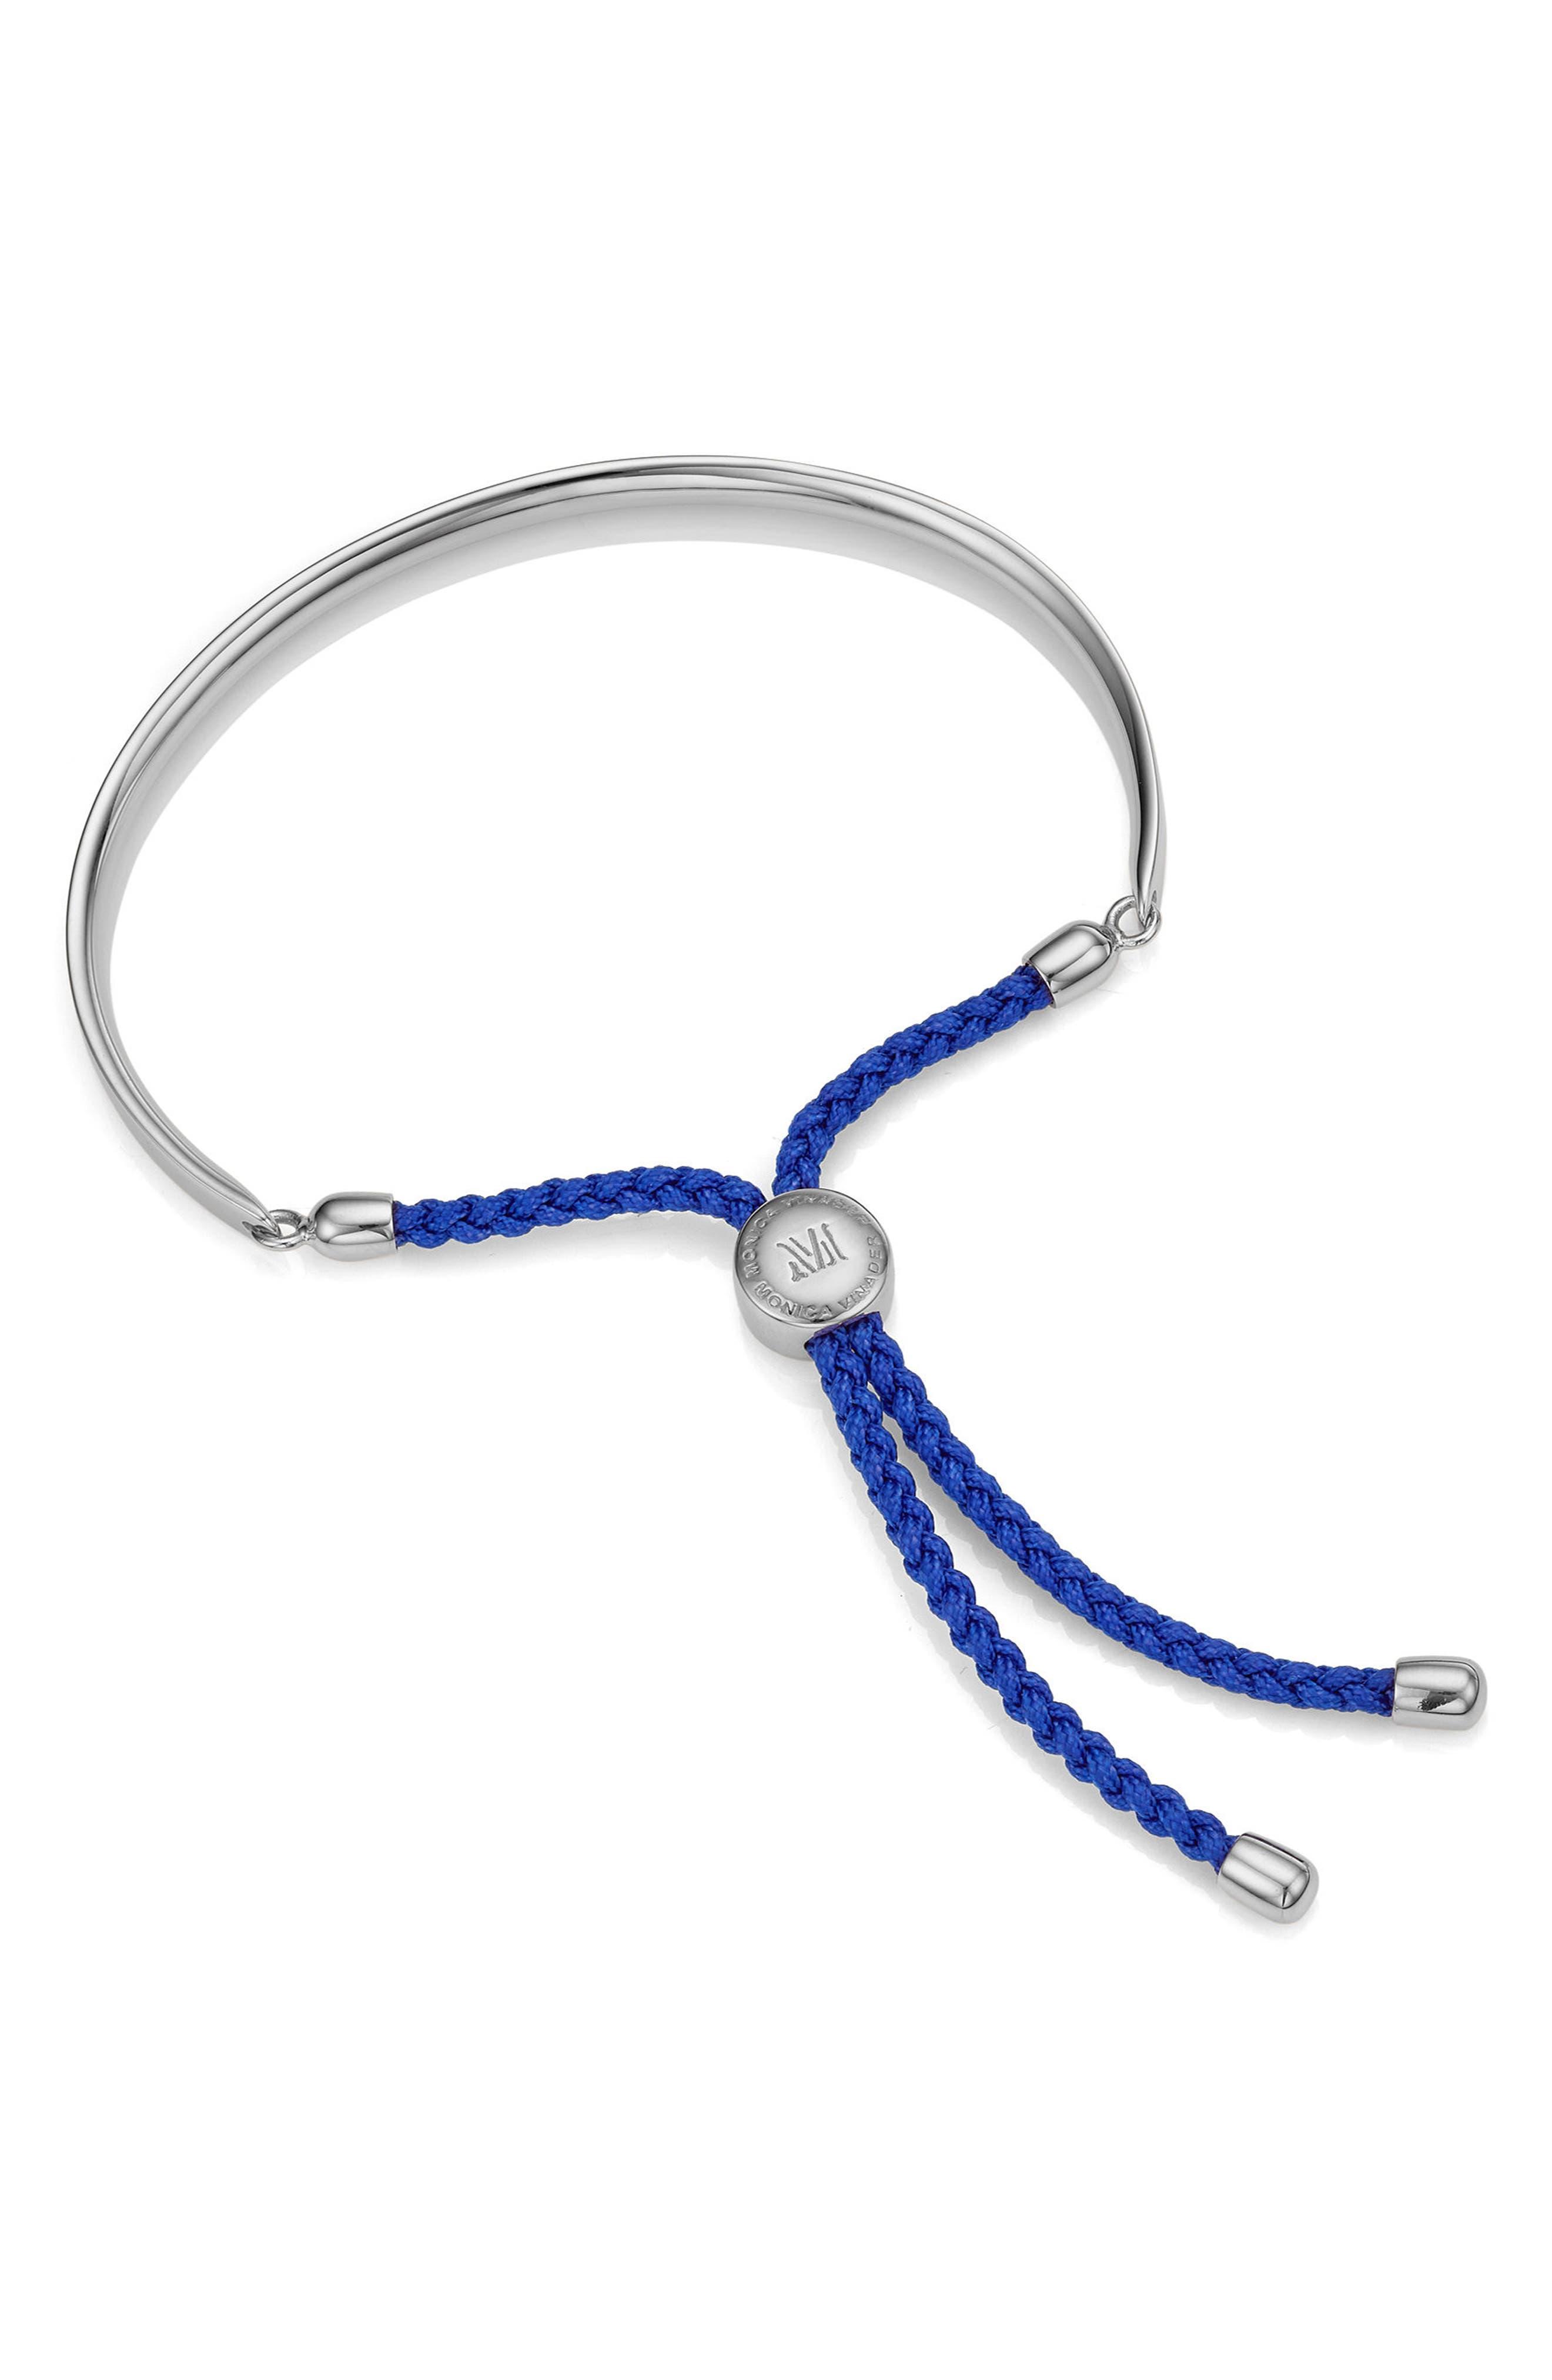 Engravable Fiji Friendship Bracelet,                             Main thumbnail 1, color,                             Silver/ Blue Majorelle